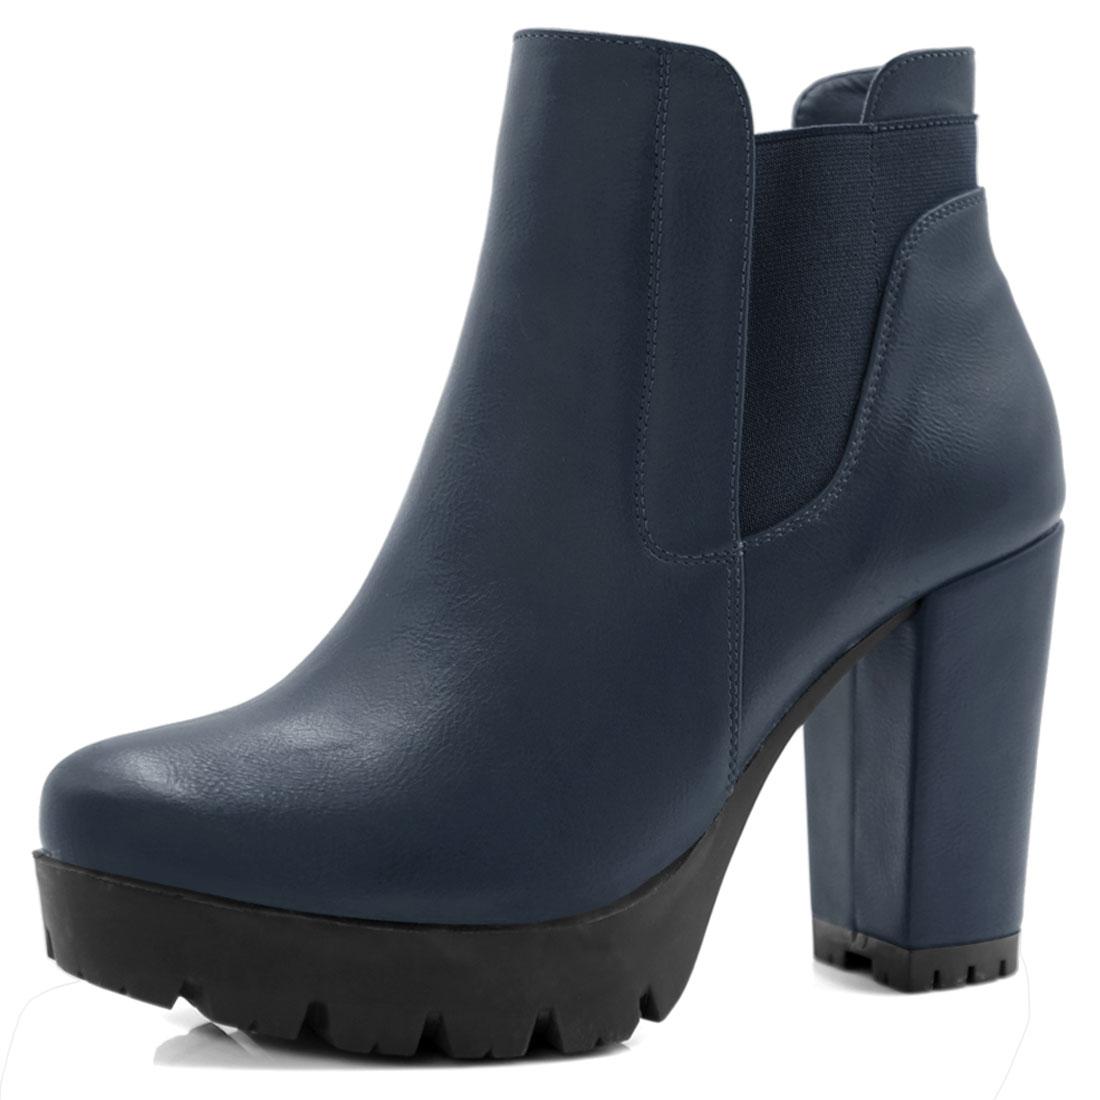 Allegra K Women Chunky High Heel Platform Zipper Chelsea Boots Navy Blue US 8.5